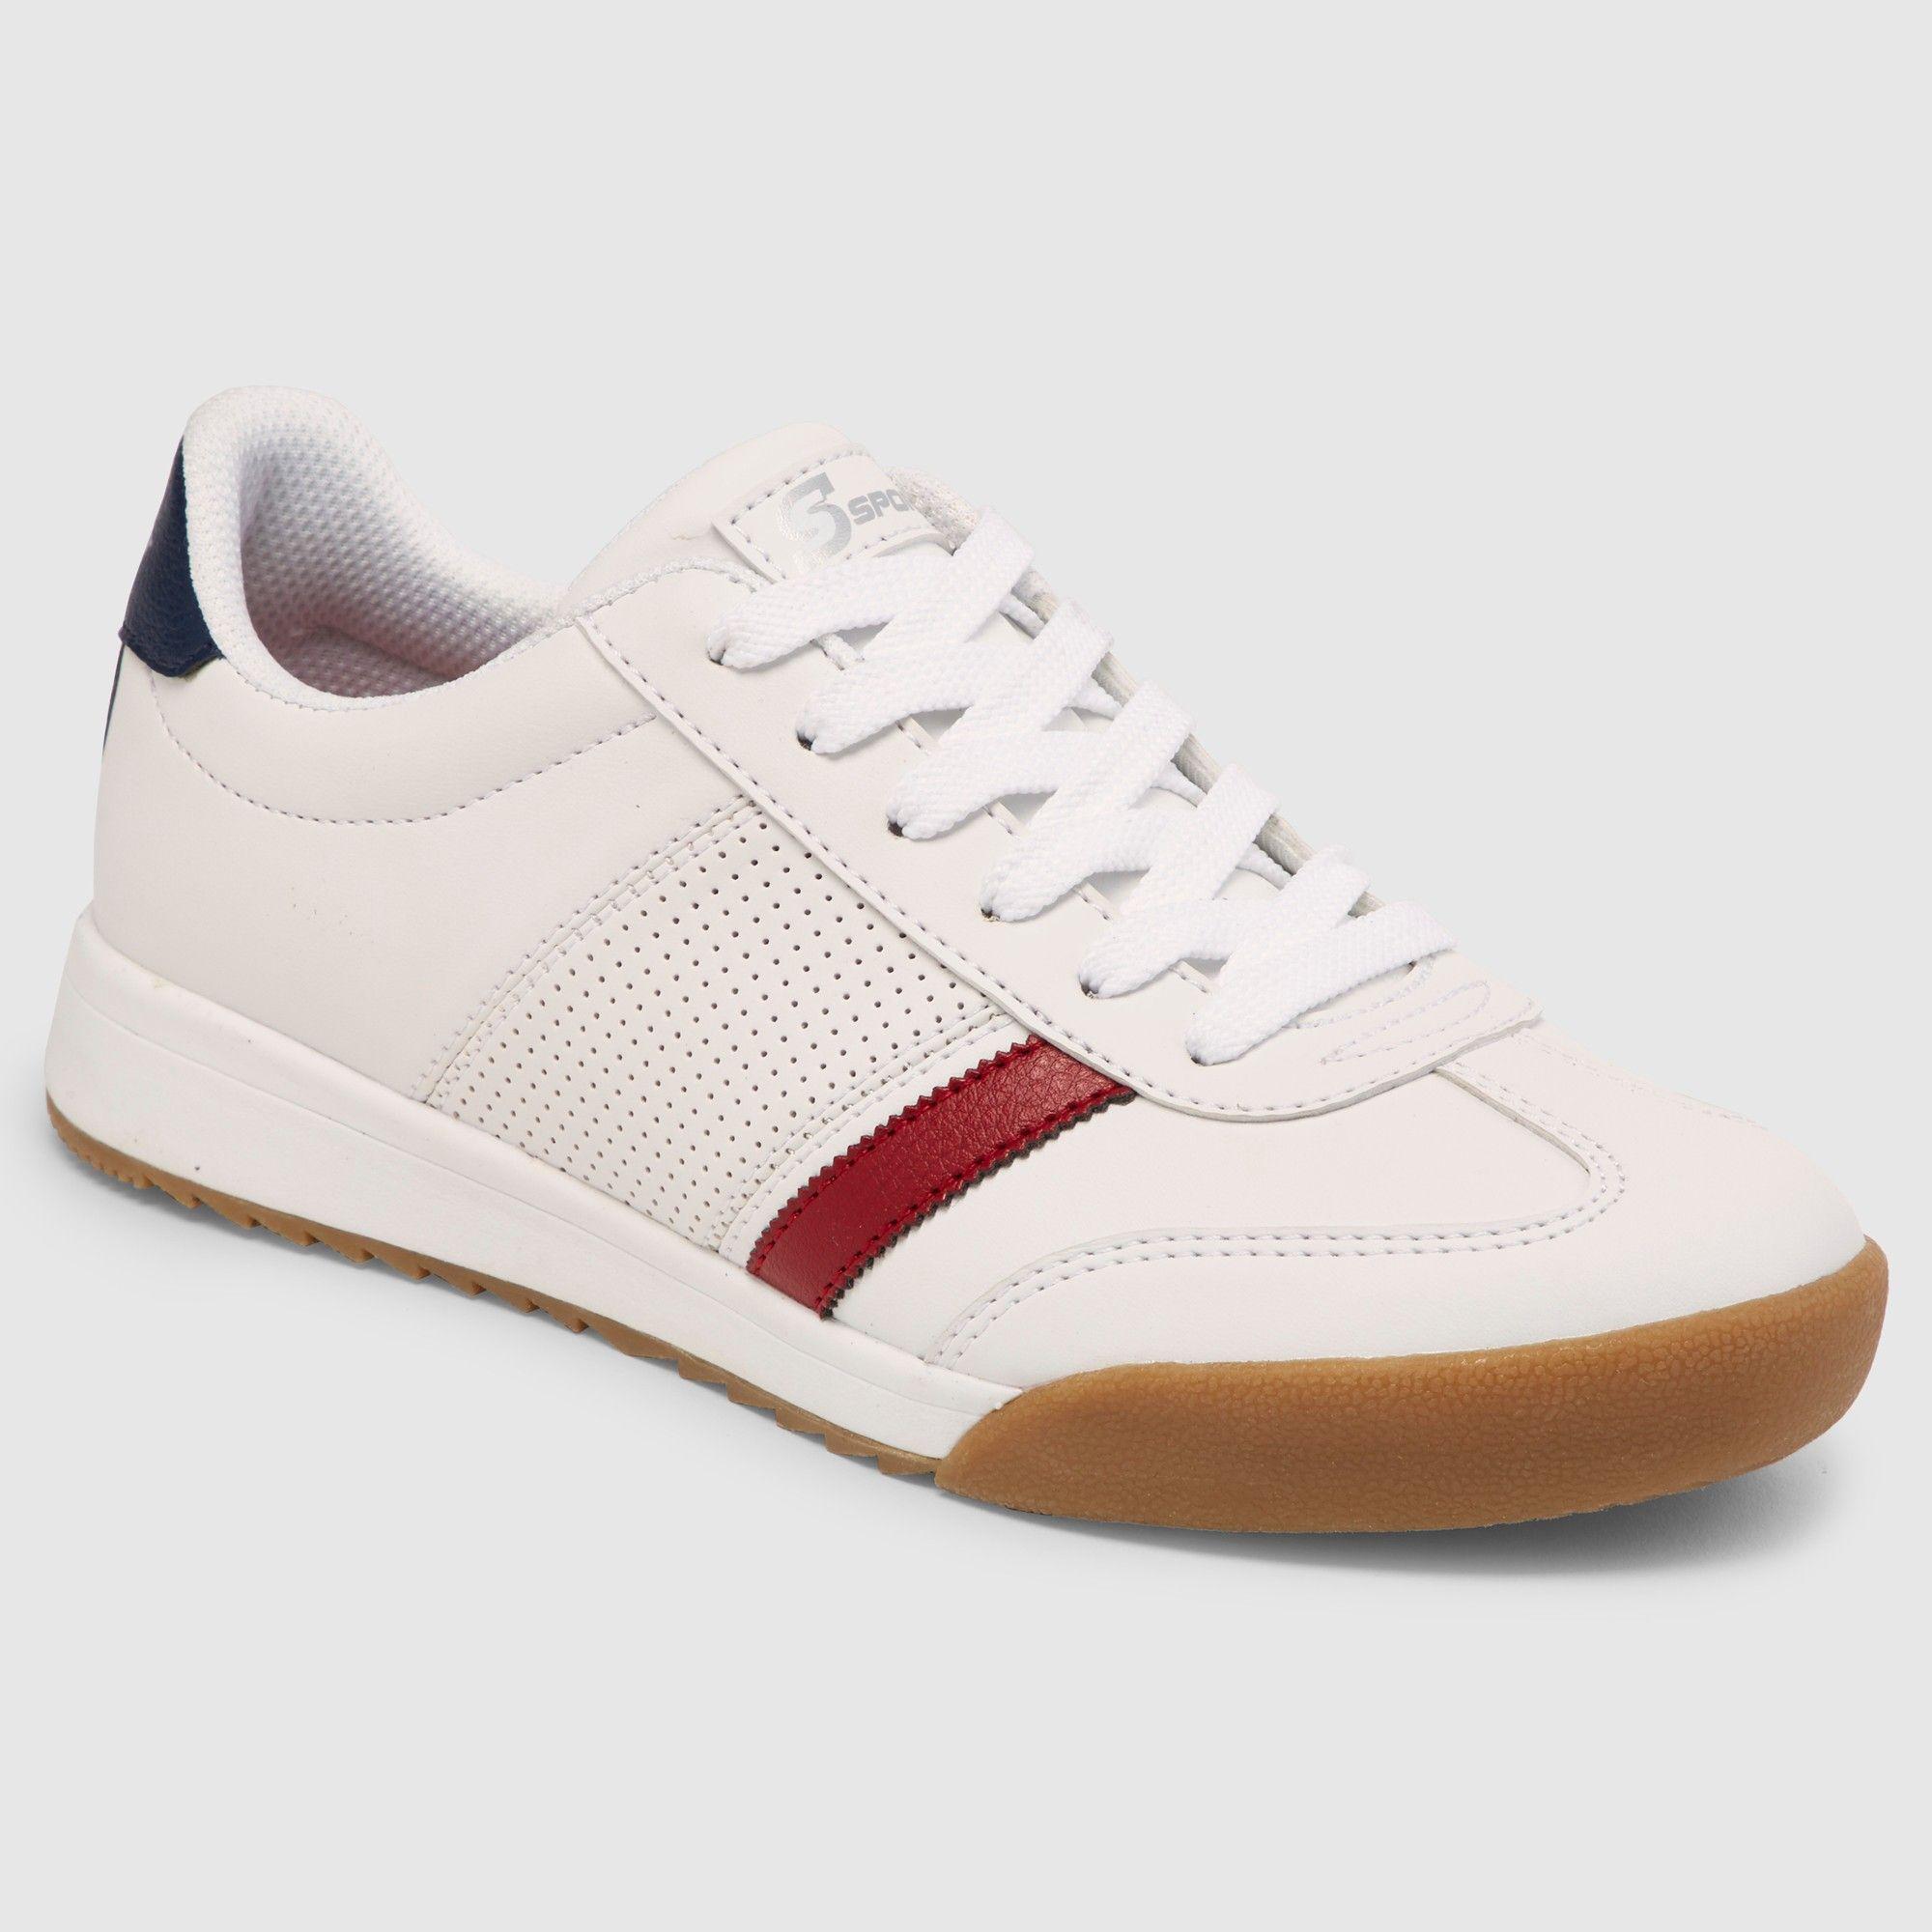 Women's S SPORT by SKECHERS Vica Stripe Sneakers White 9.5